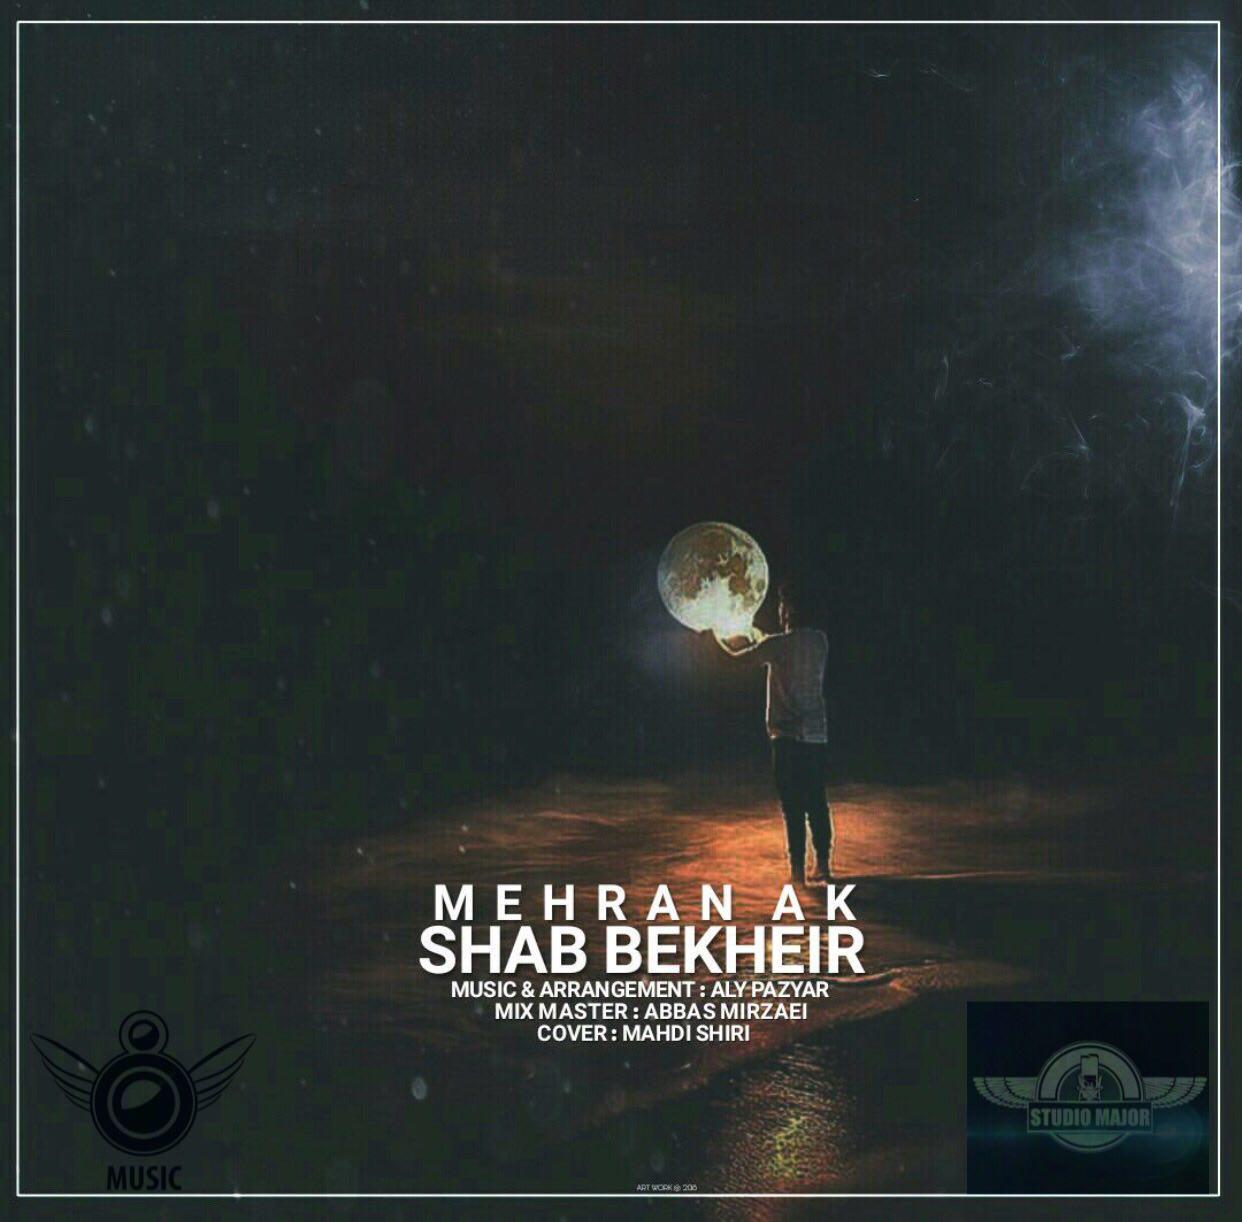 Mehran AK – Shab Bekheir